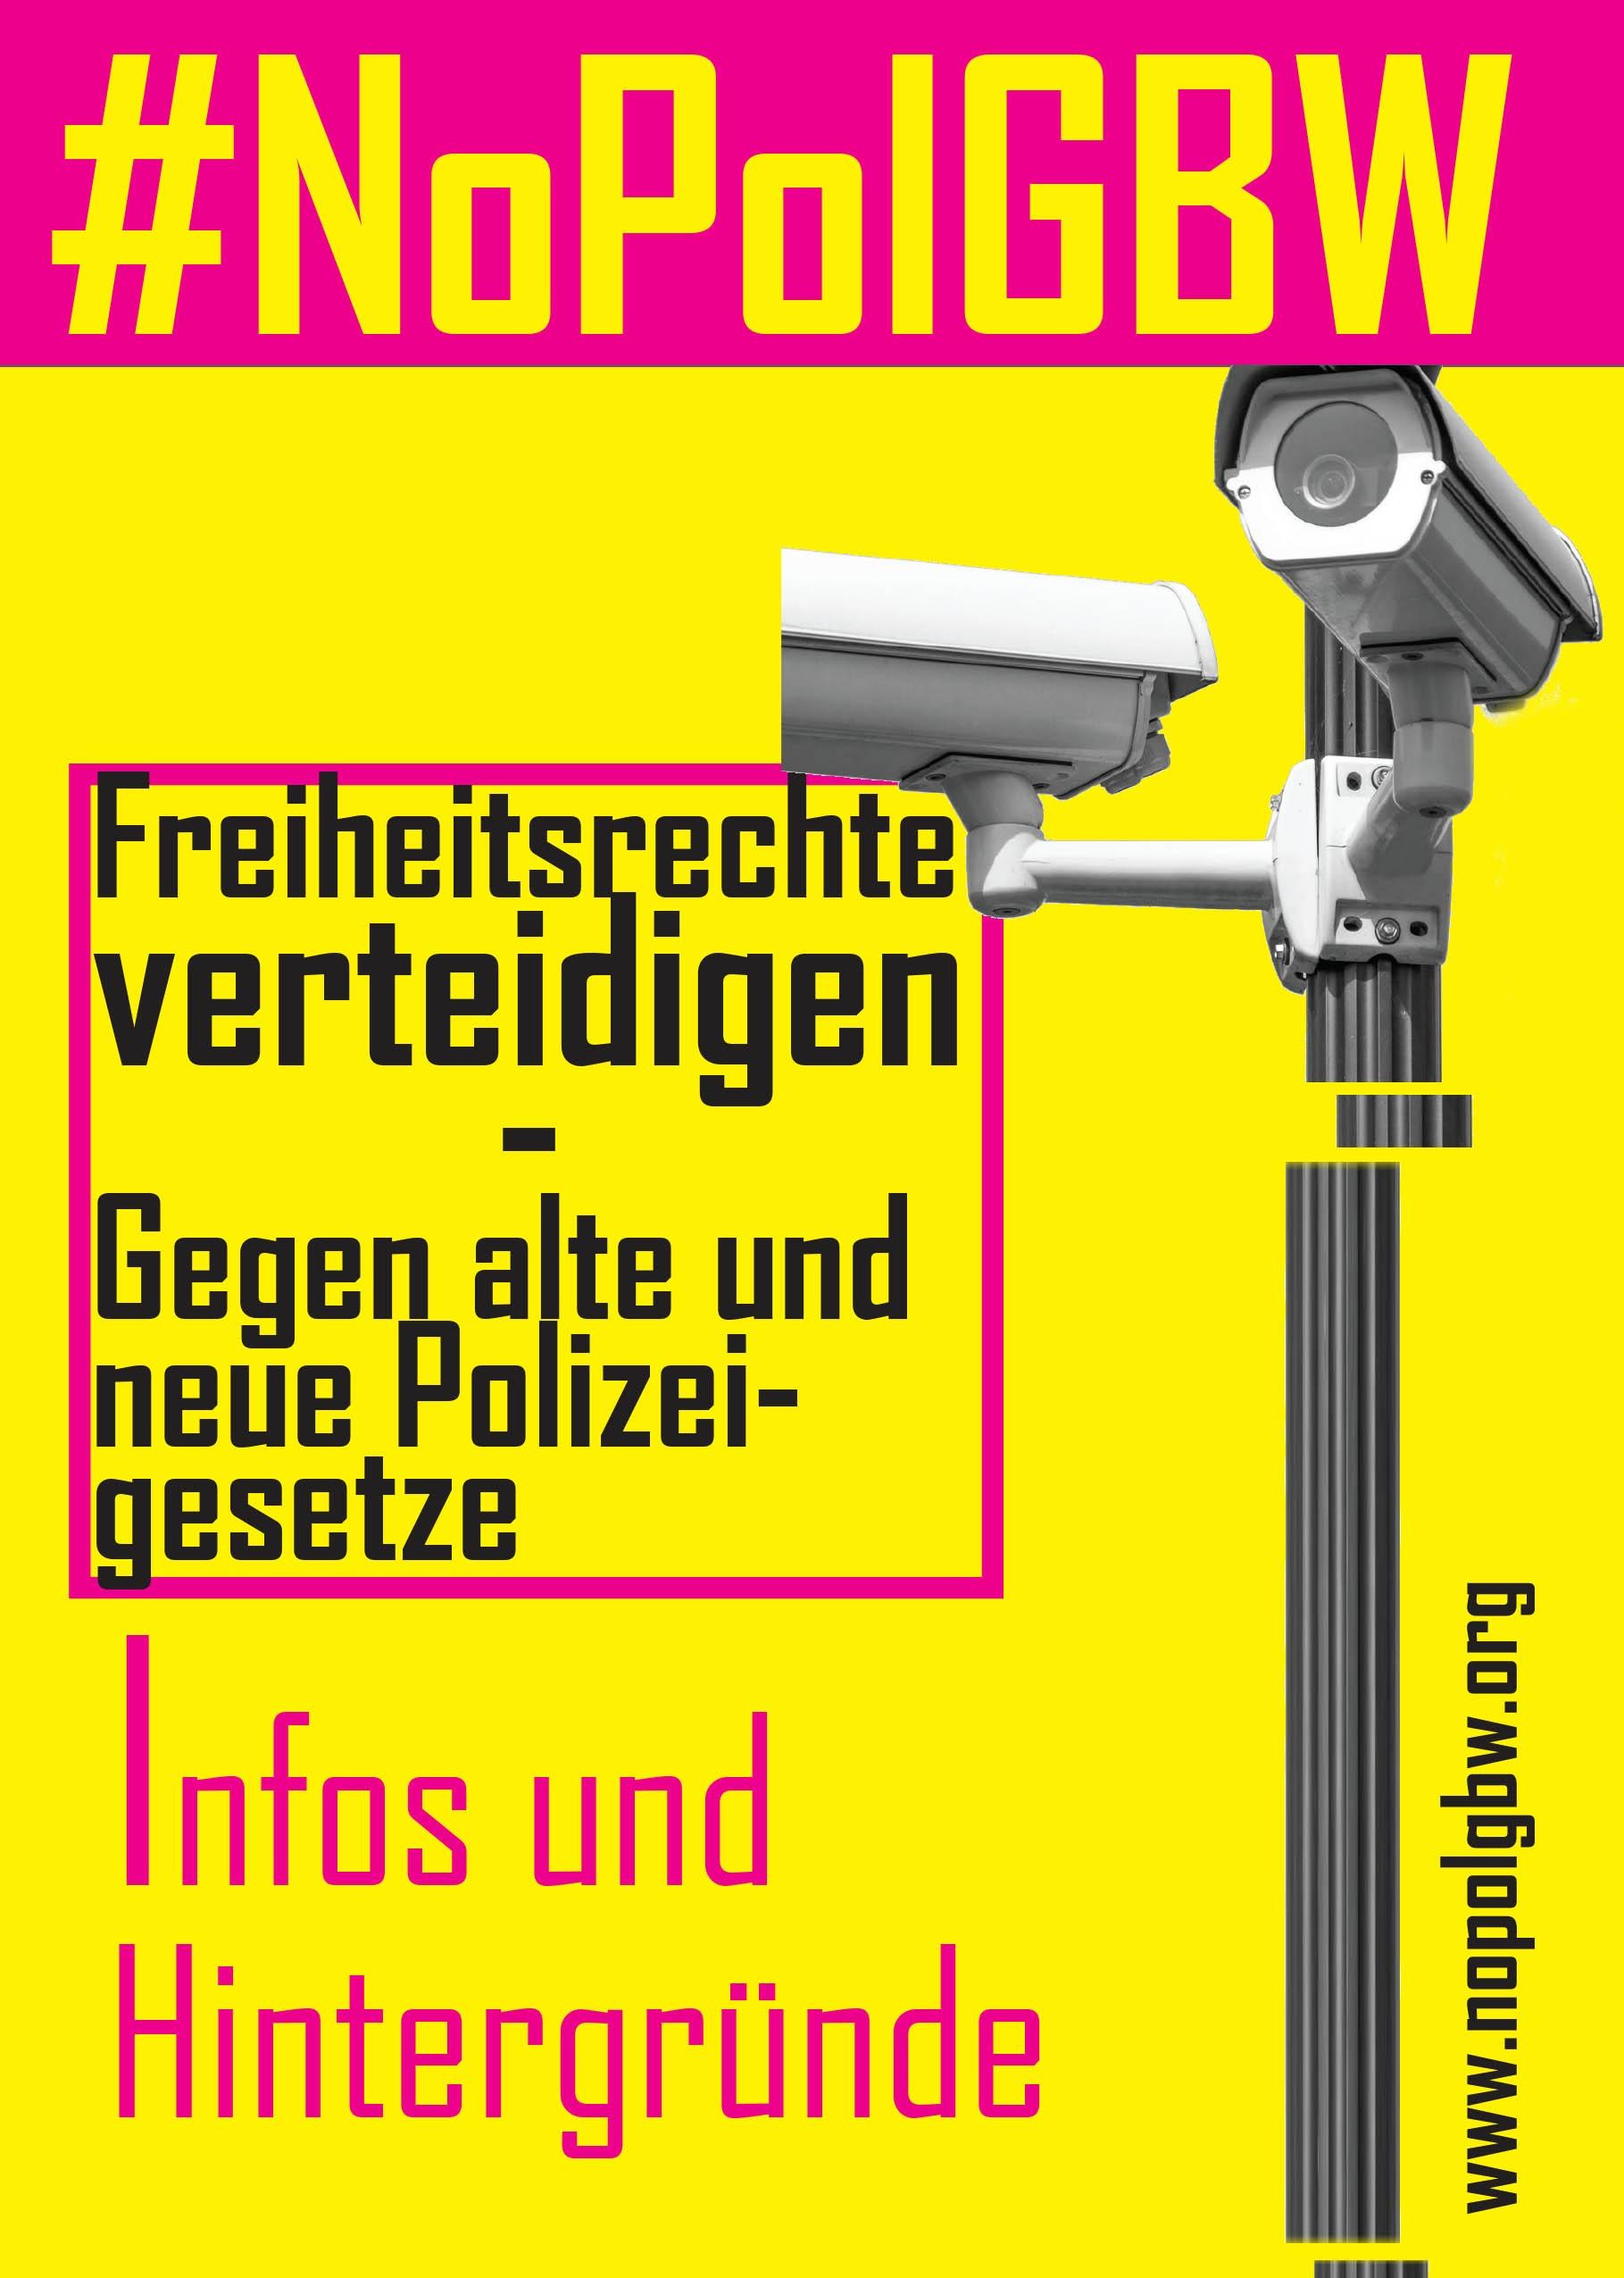 Karlsruher Grüne unterstützen den Aufruf gegen die Verschärfung des Landespolizeigesetzes